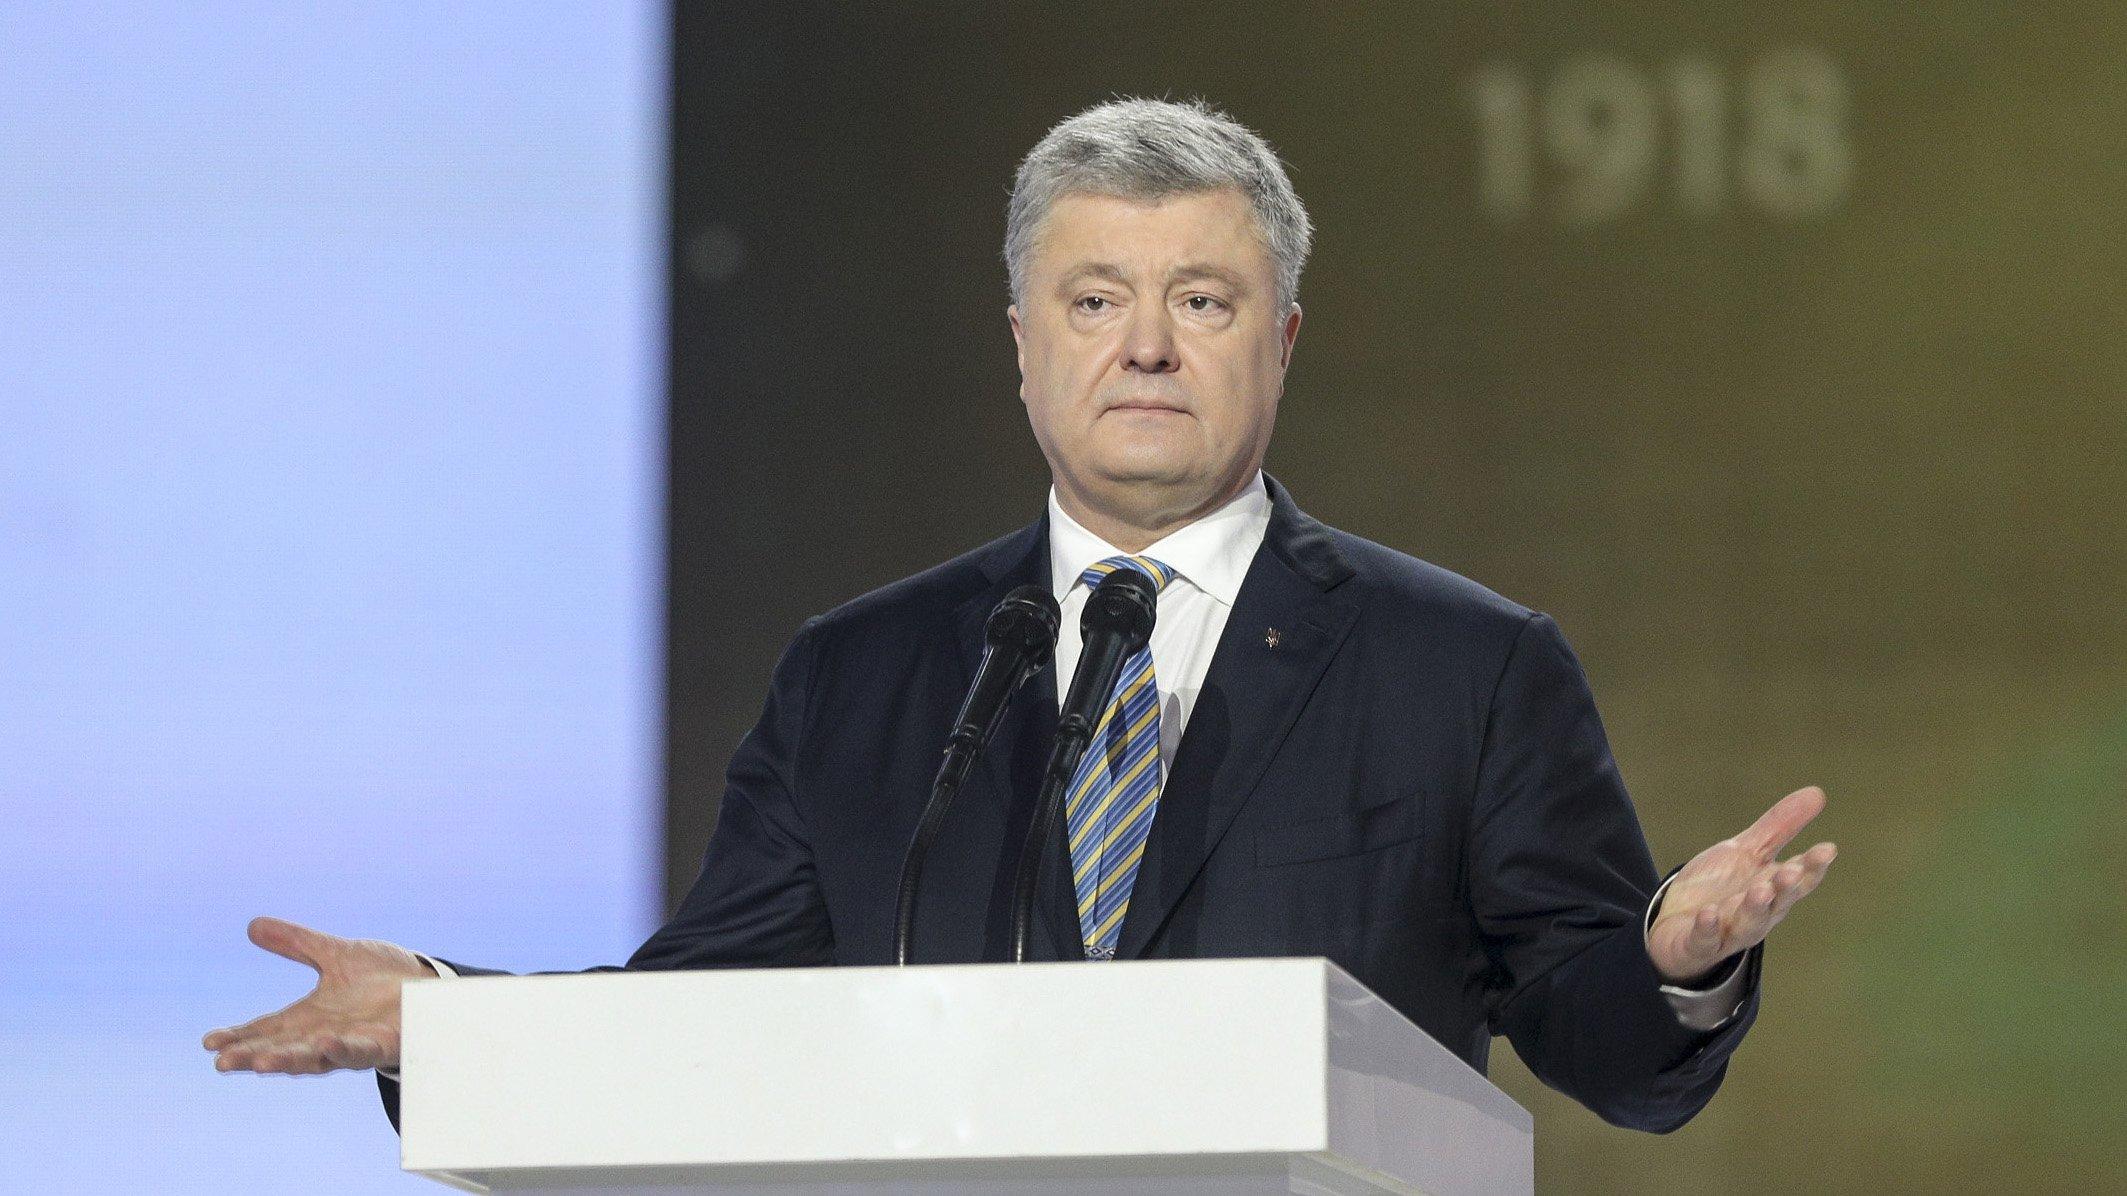 На Украине военнослужащая упала в обморок после слов Порошенко о вооружении новости,события